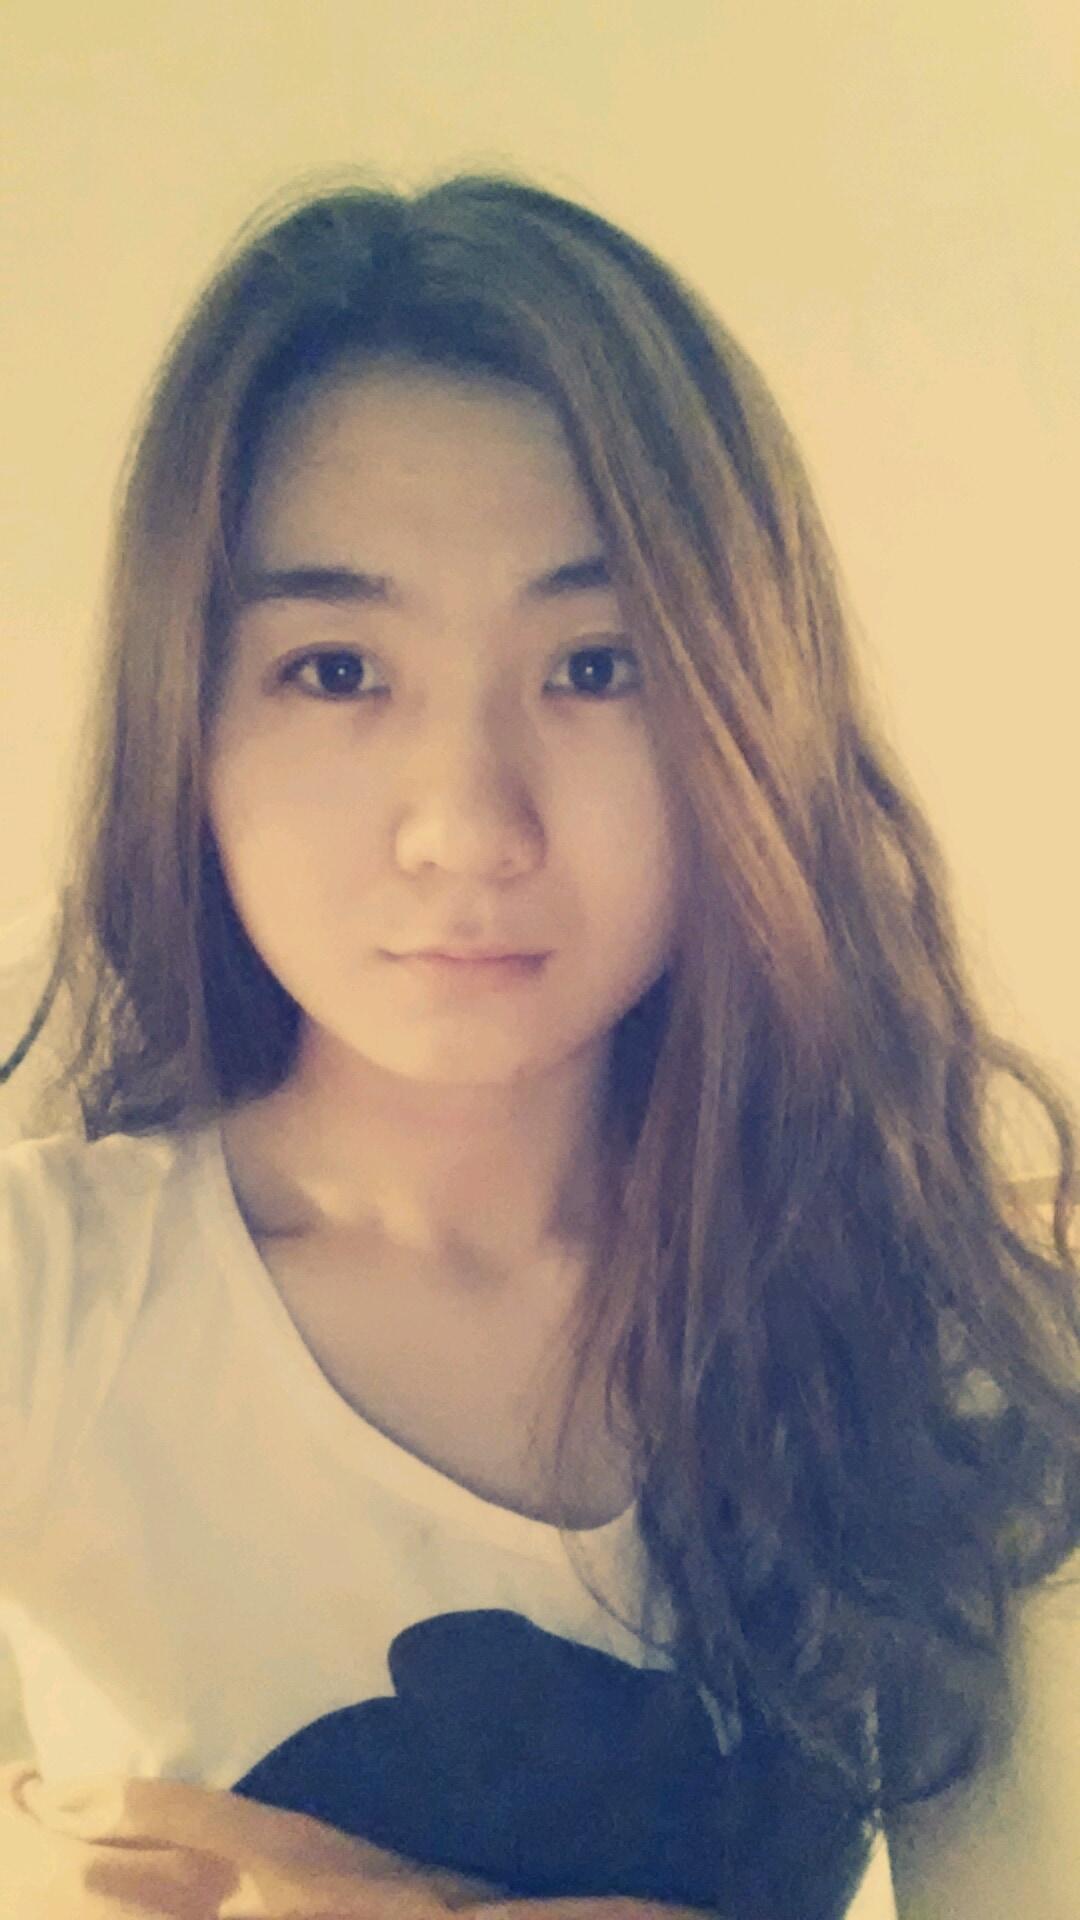 Yumo From Beijing, China